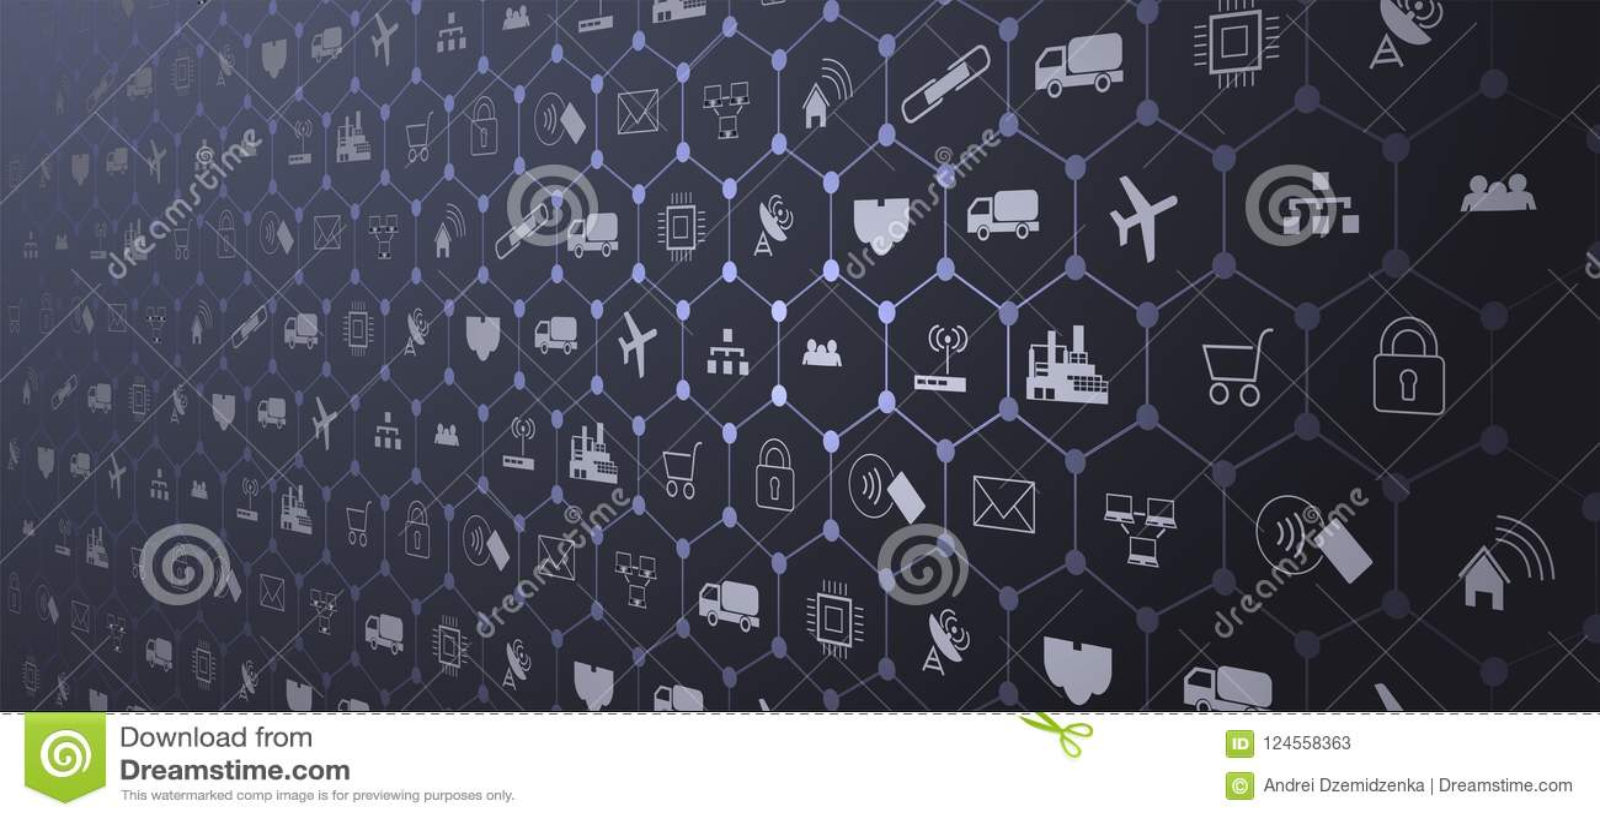 Internet das coisas IoT e do conceito dos trabalhos em rede para dispositivos conectados Web de aranha de conexões de rede